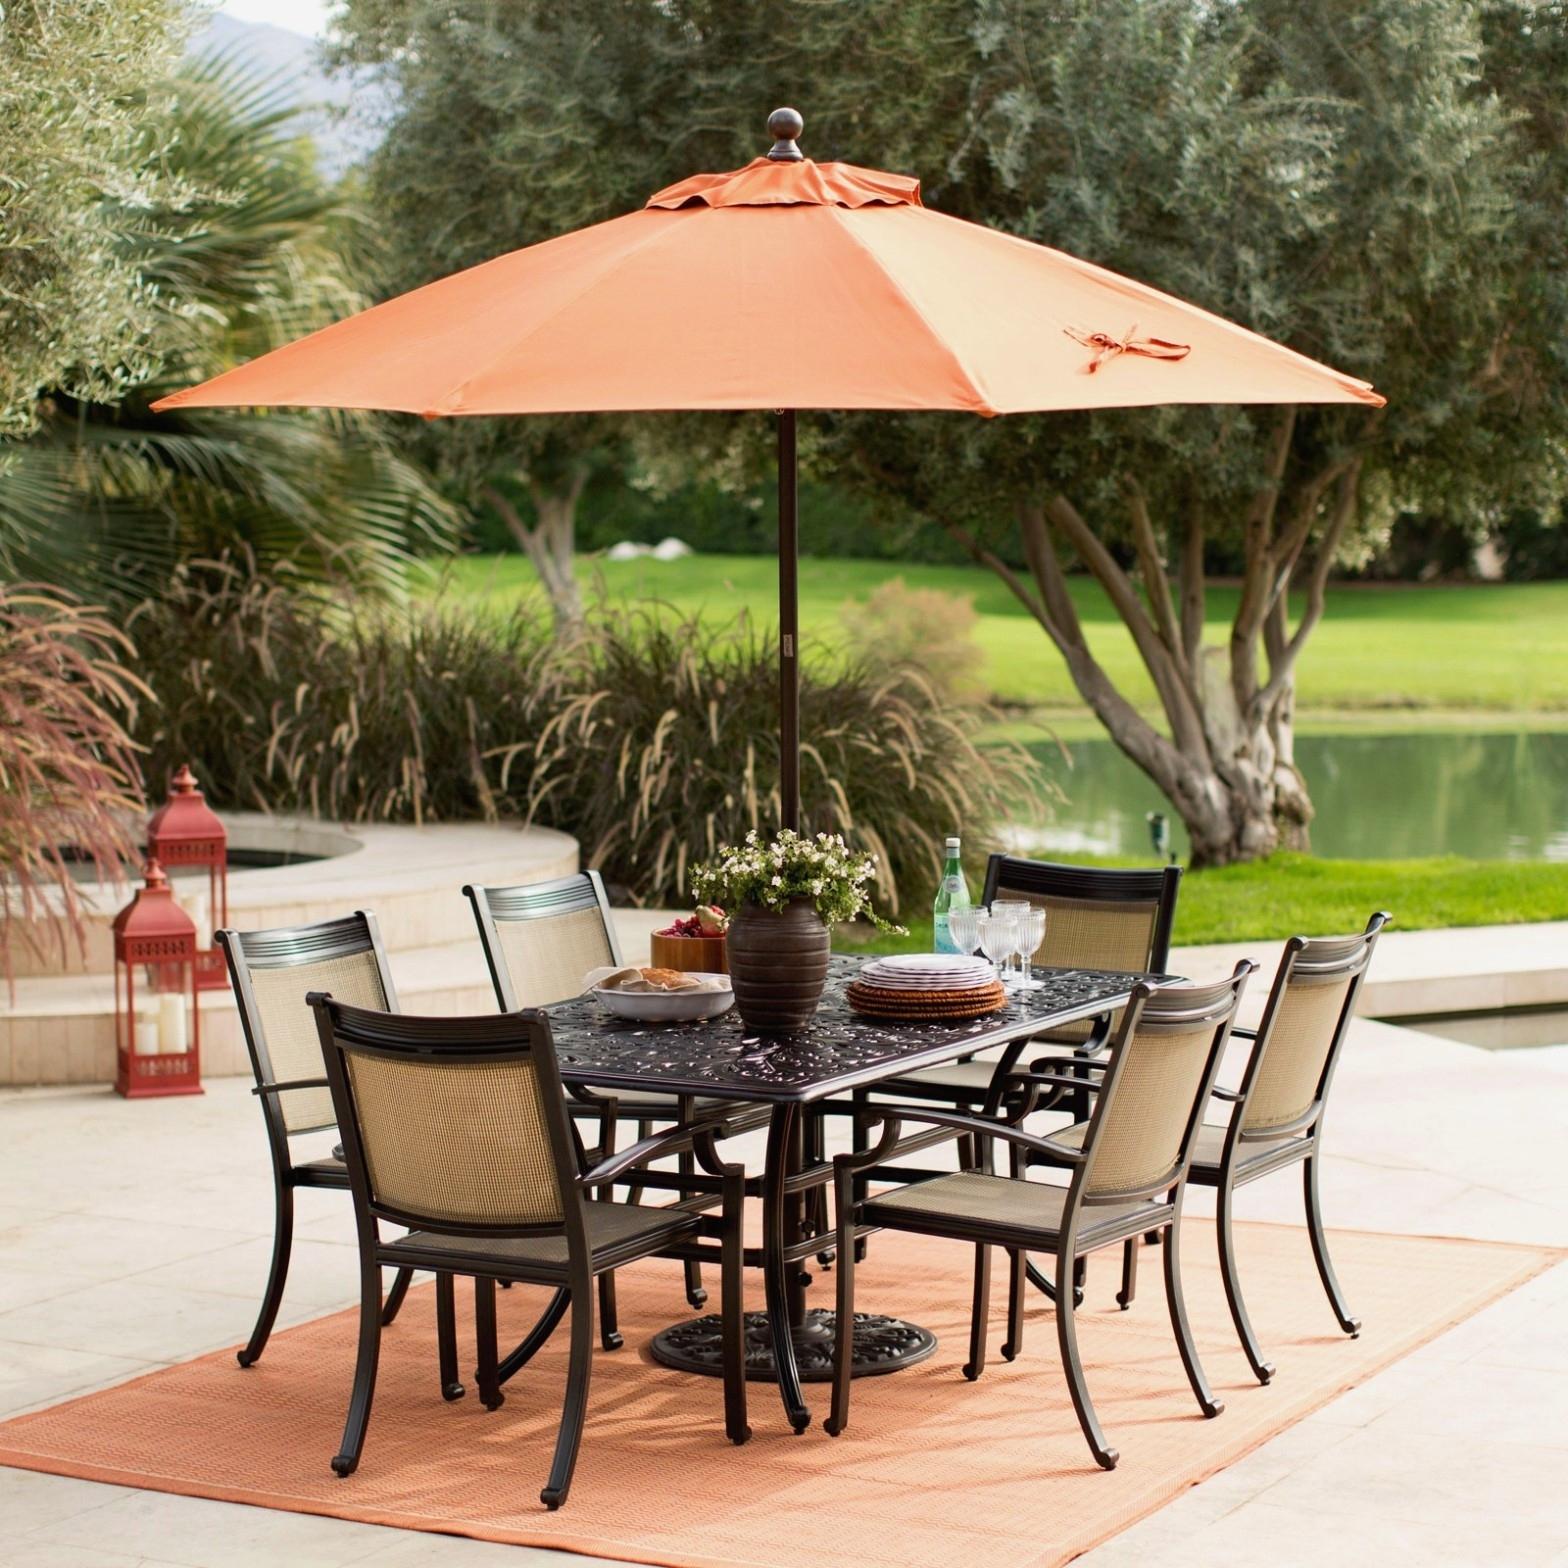 Sunbrella Patio Umbrella With Lights In Most Up To Date Sunbrella Patio Umbrellas On Sale Decor Color Ideas Unique – Home (View 15 of 20)